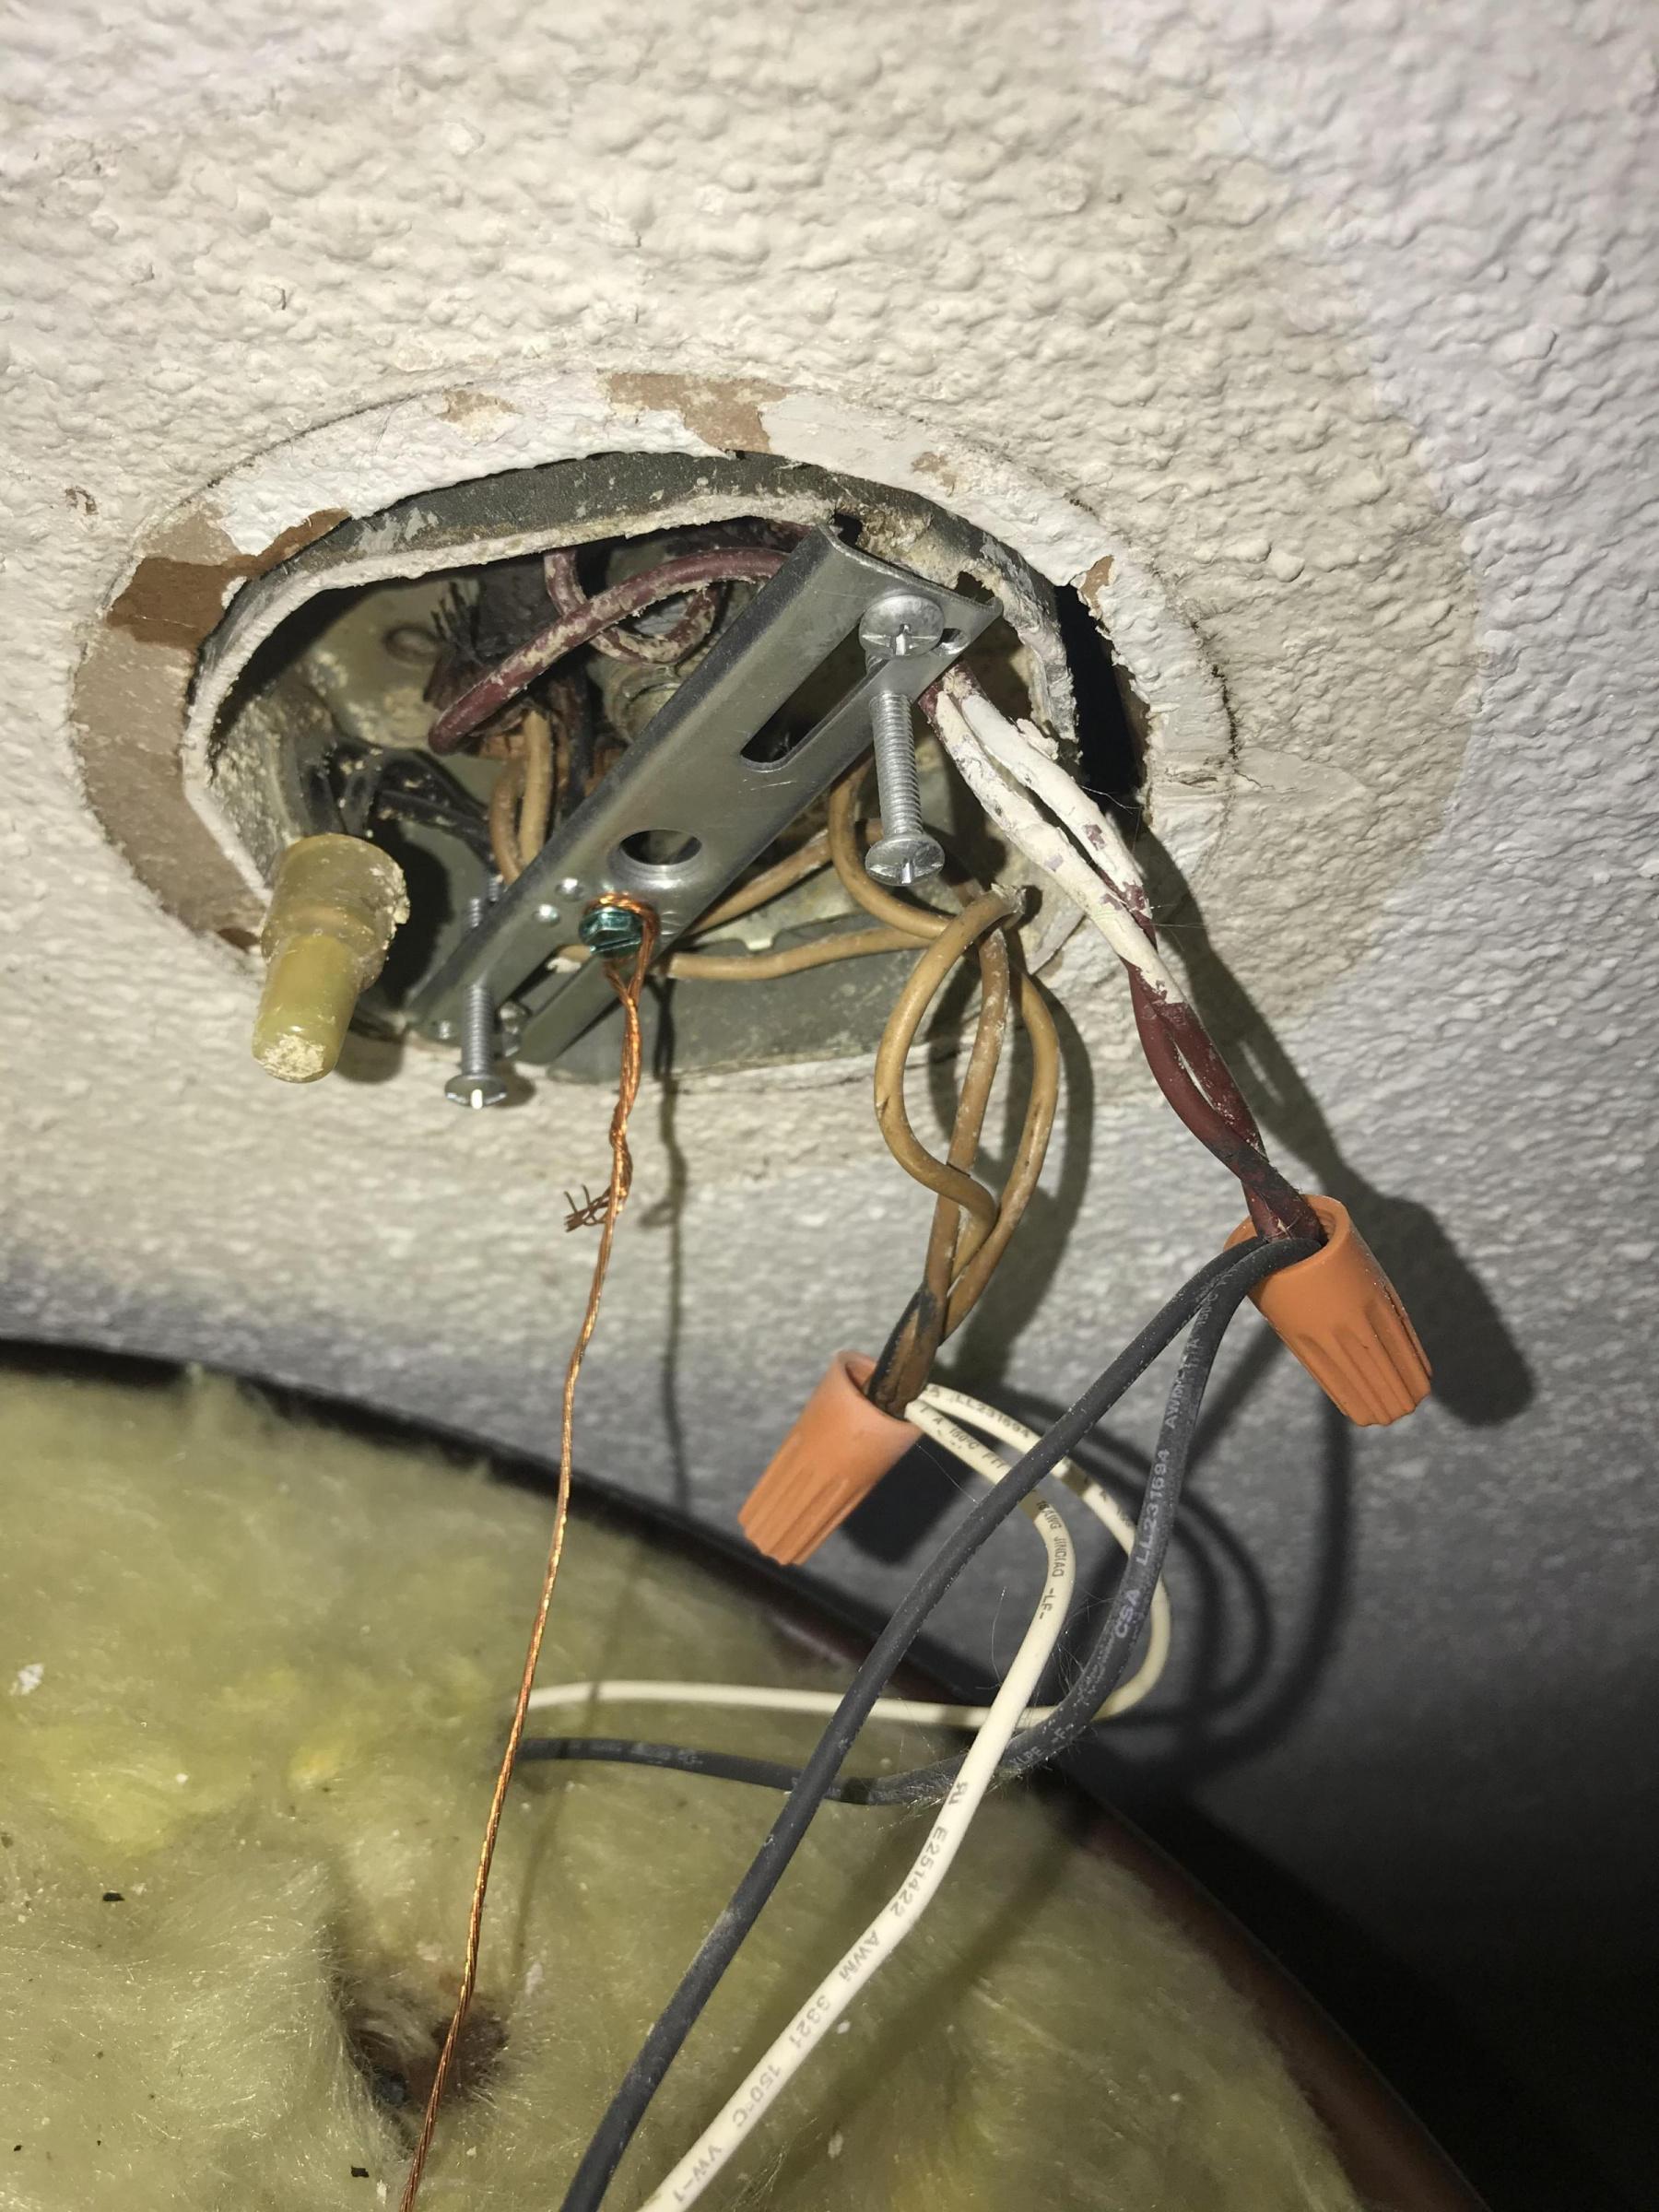 Switch and light help for beginner-45d7d04a-8134-41d1-9398-3fcdee950a35_1575338599318.jpg